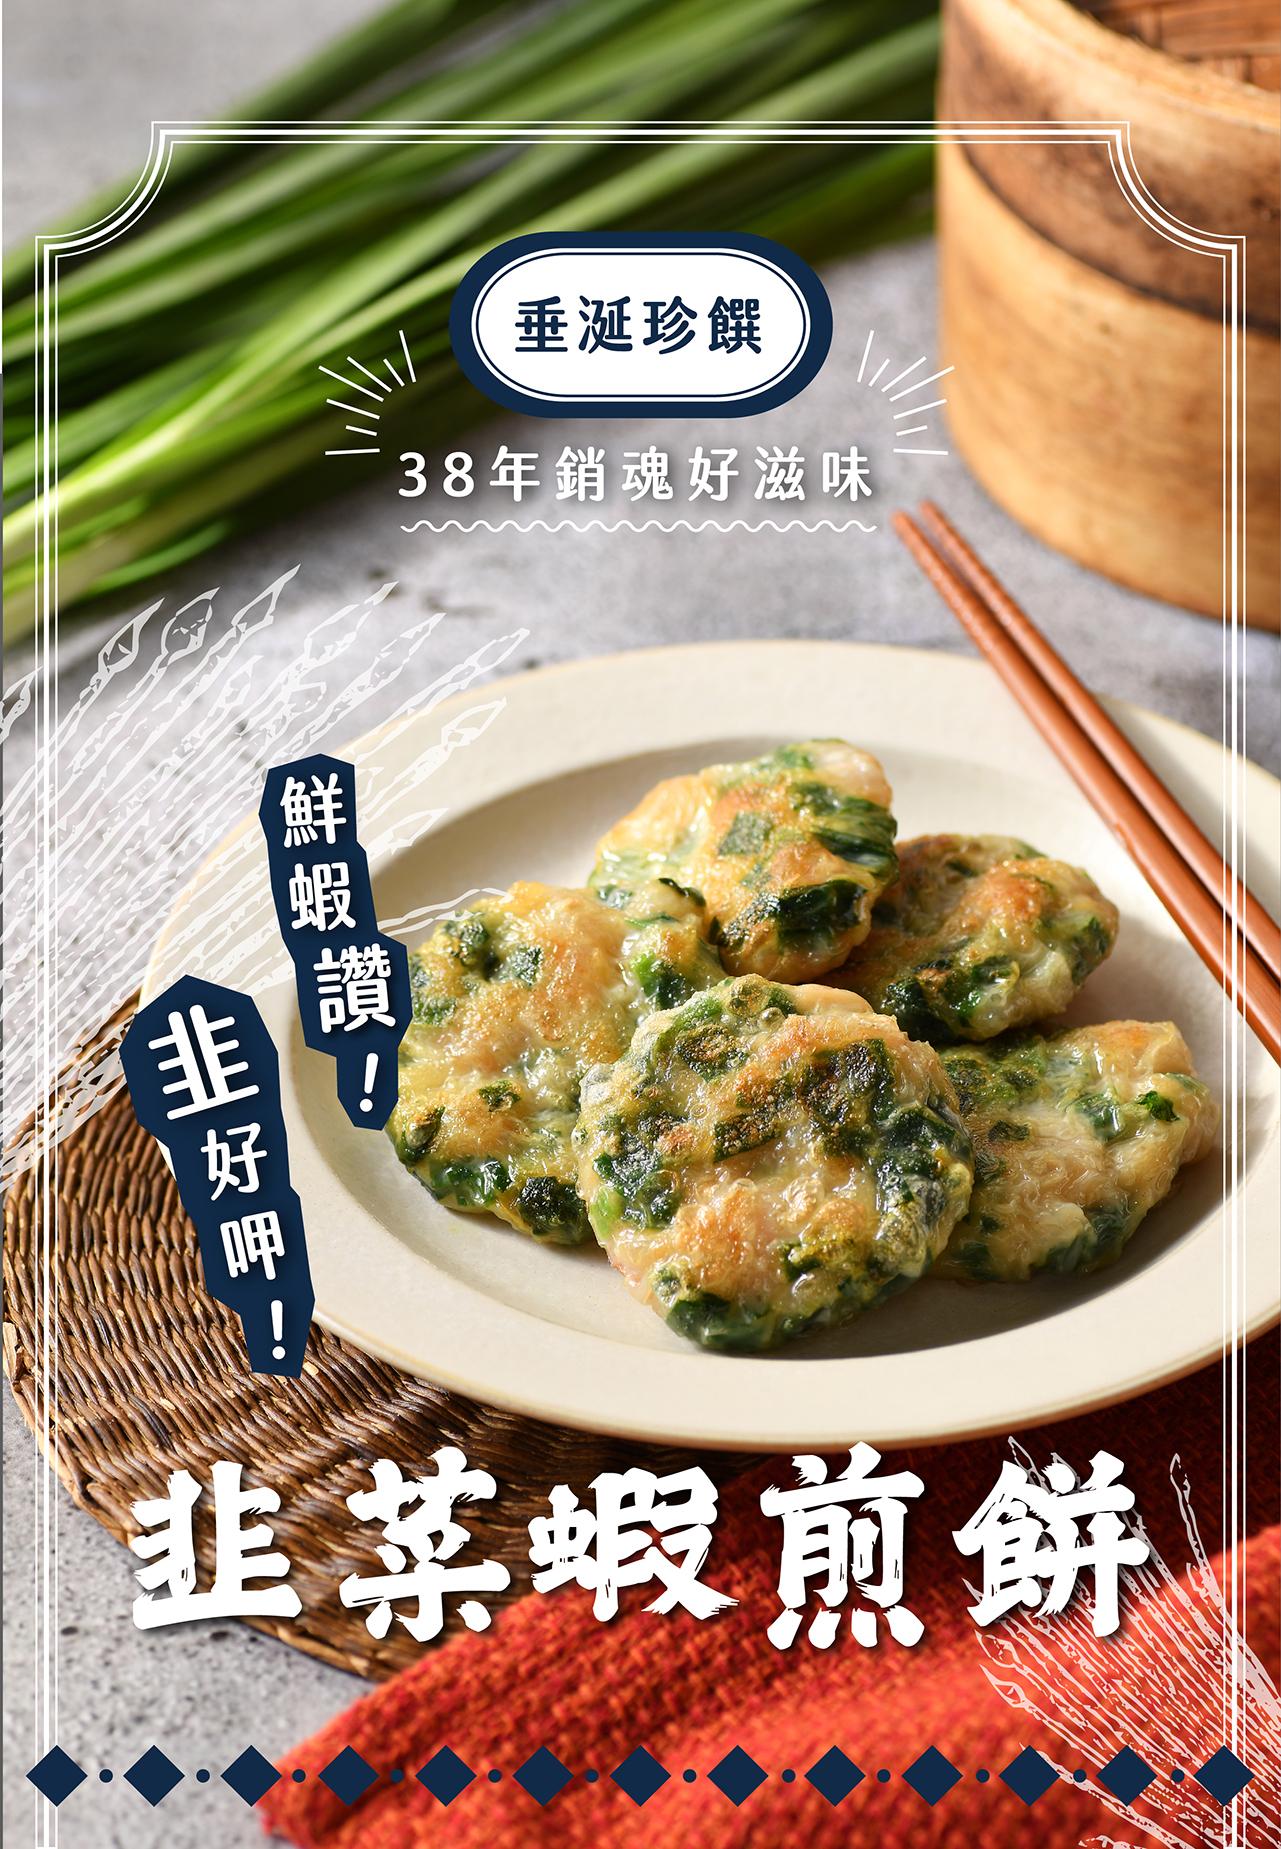 0422包子媽-韭菜煎餅 -01.jpg